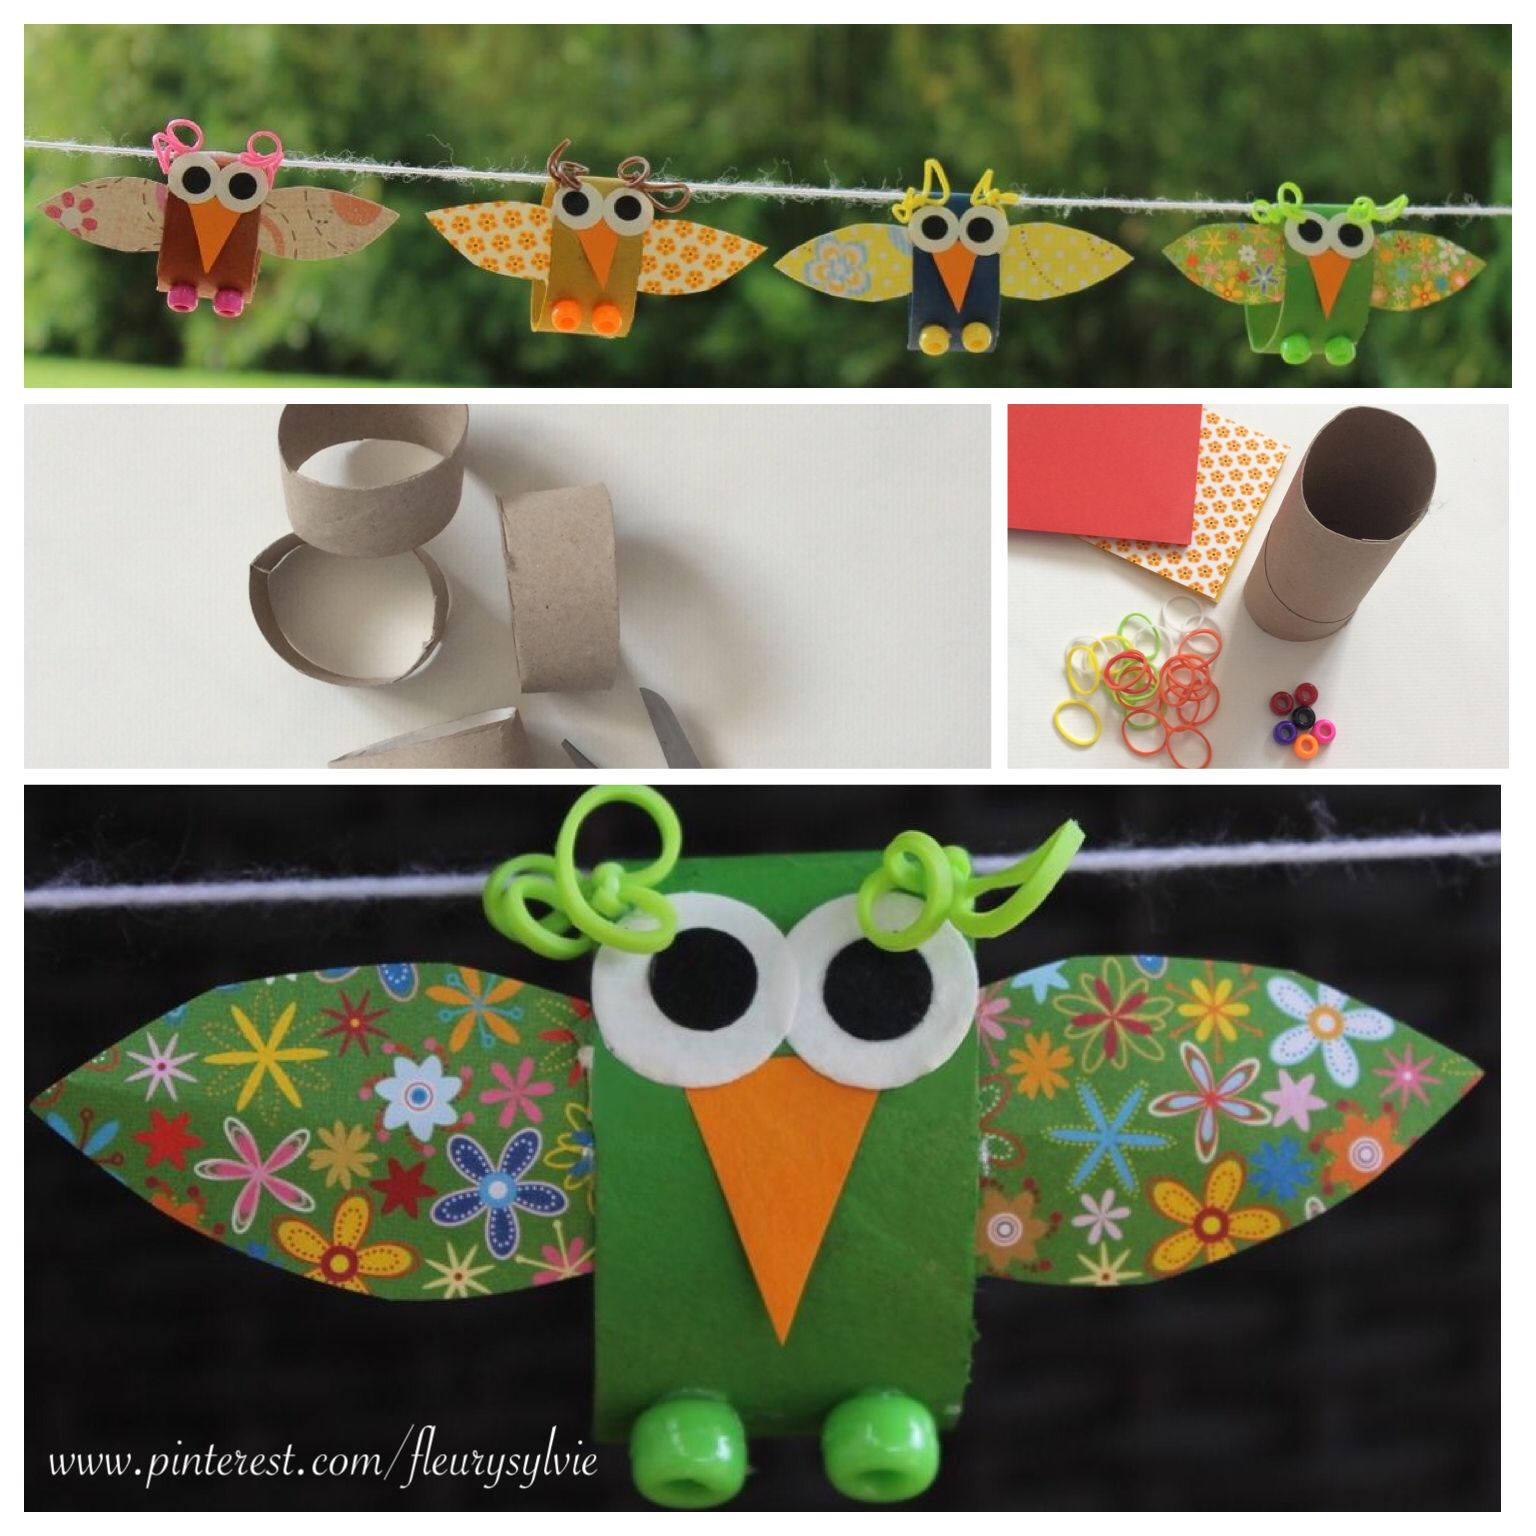 Bricolage enfant petits oiseaux avec rouleaux papier wc - Petit bricolage maison ...